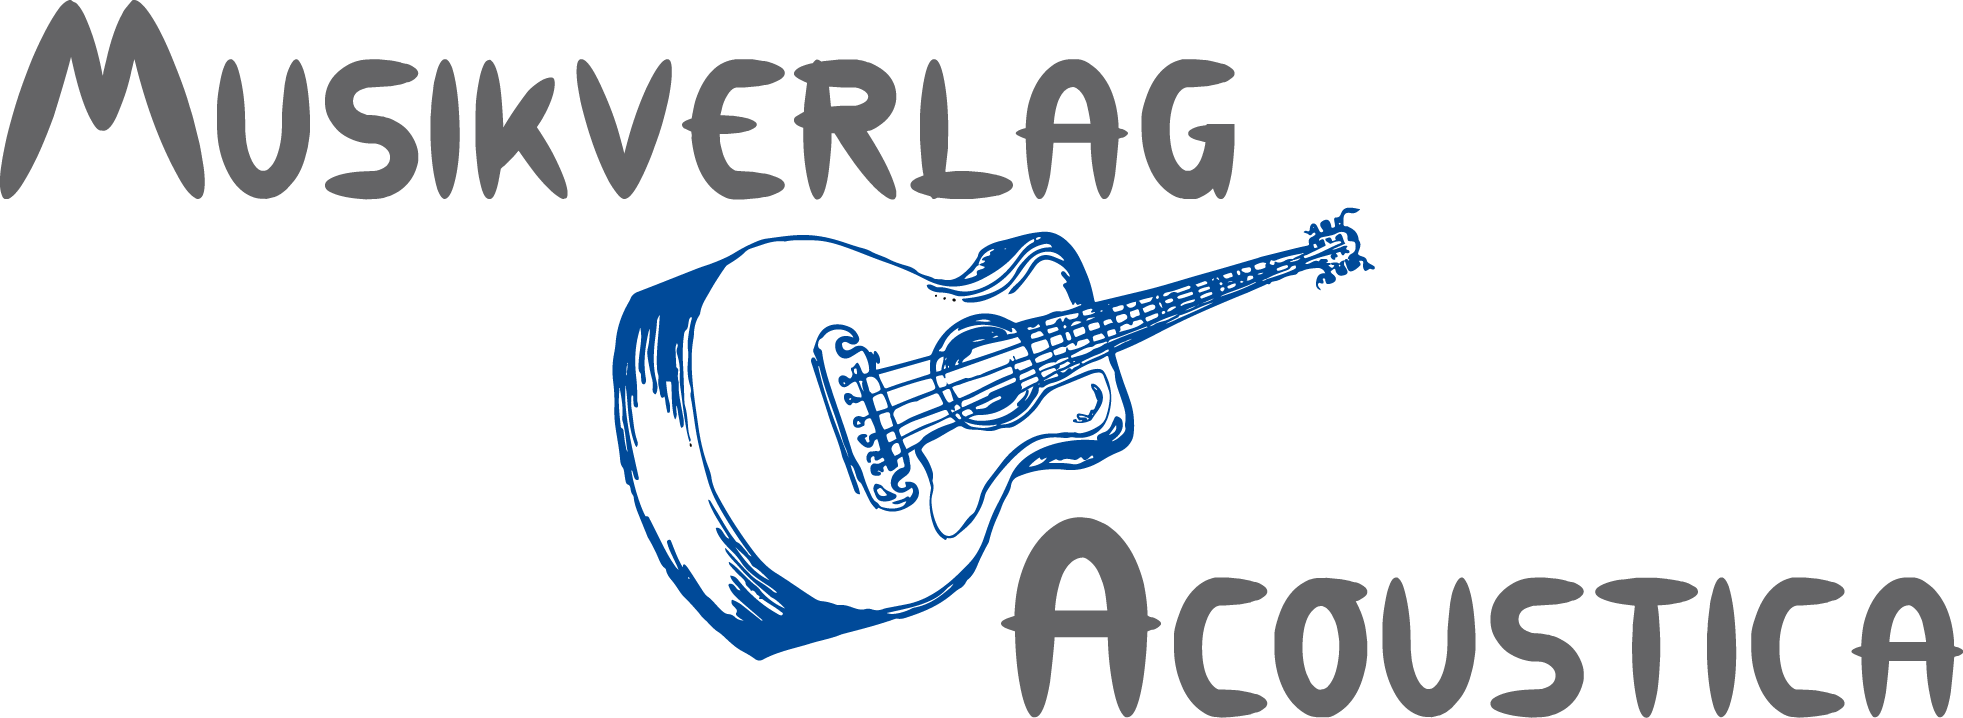 Musikverlag Acoustica - Noten für akustische Gitarre